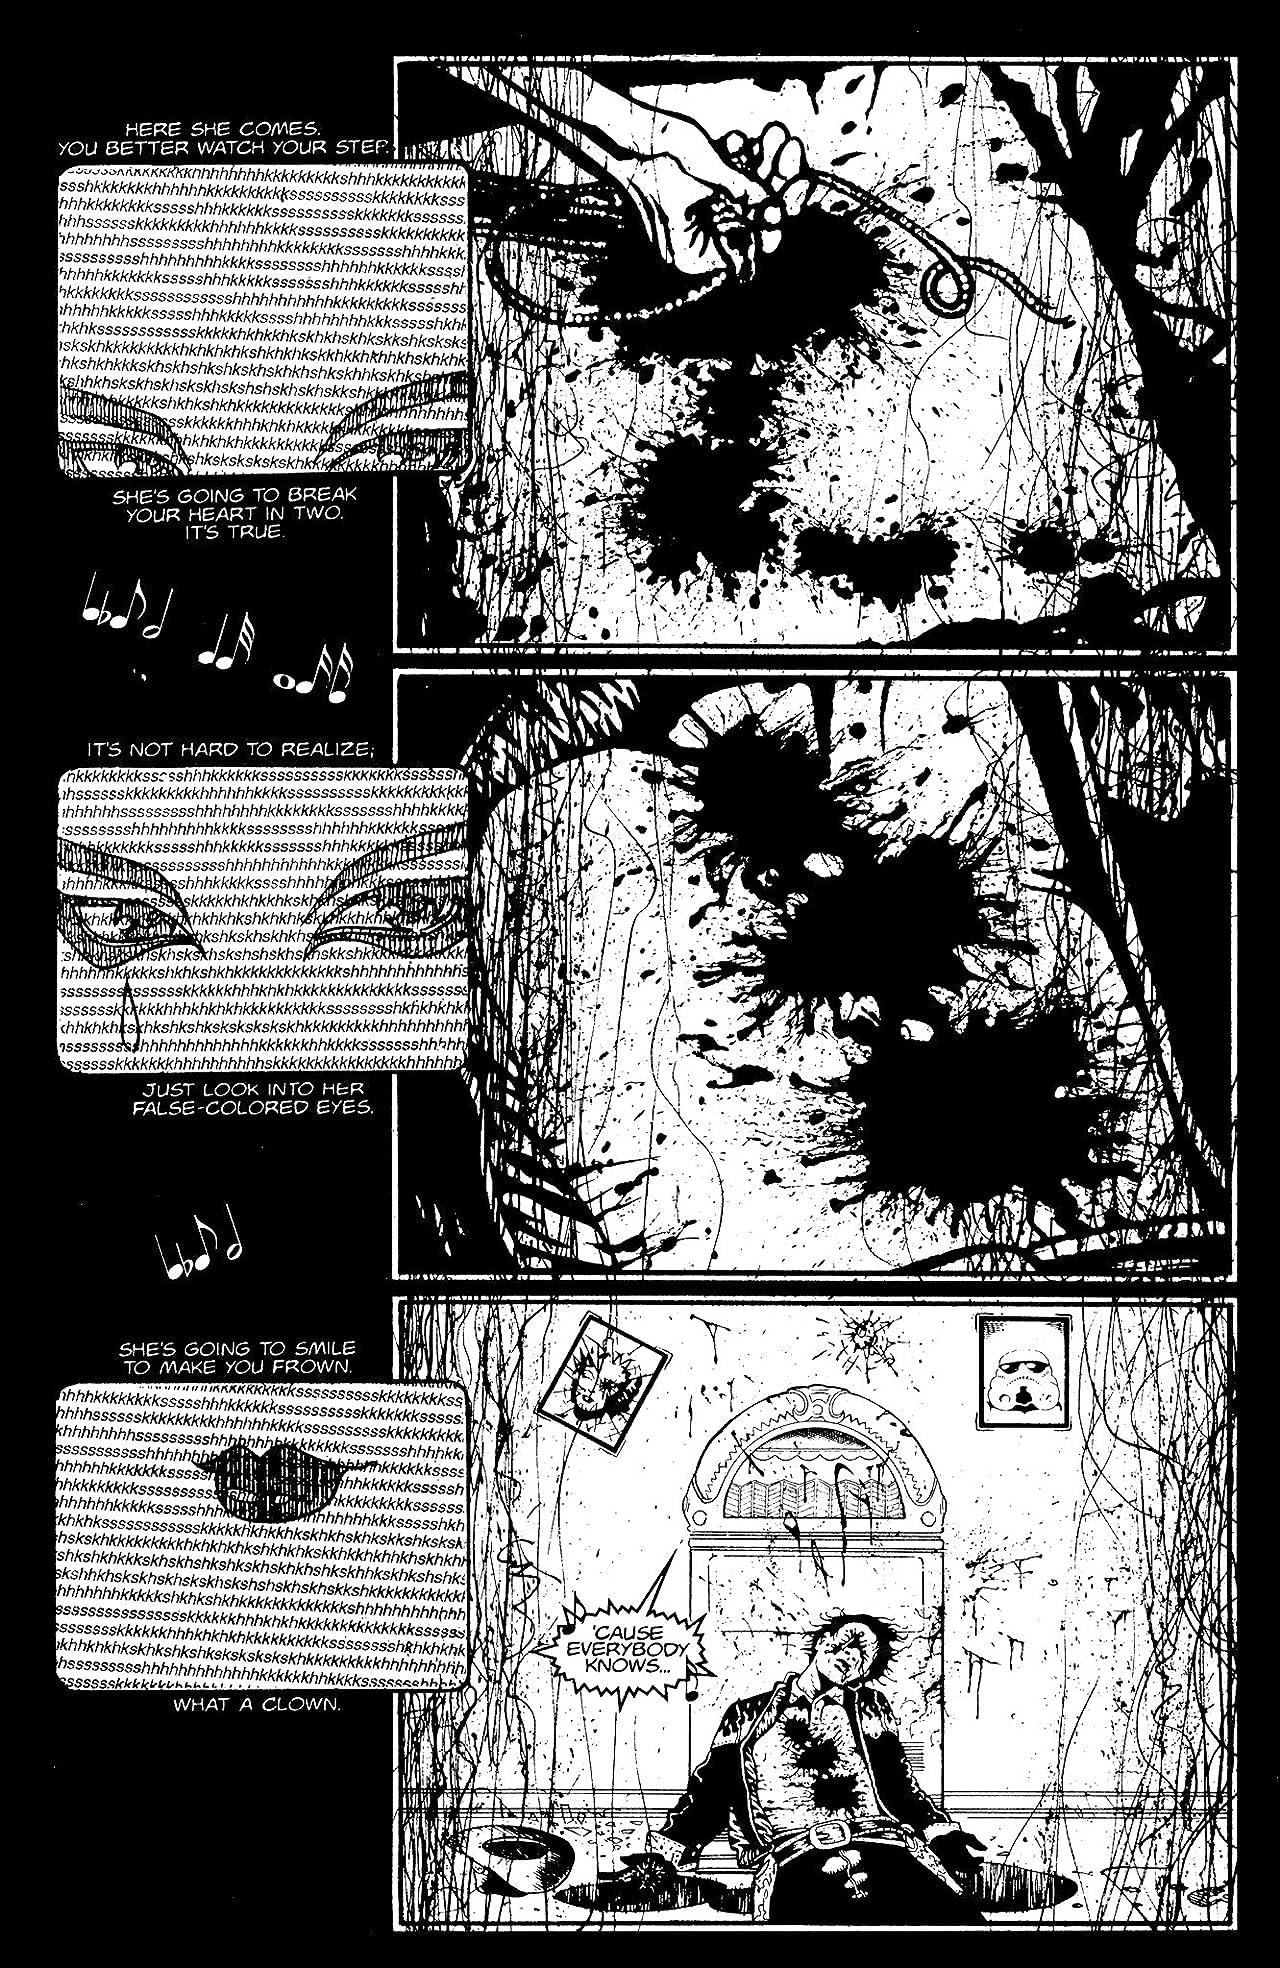 Kabuki vol. 1 #7